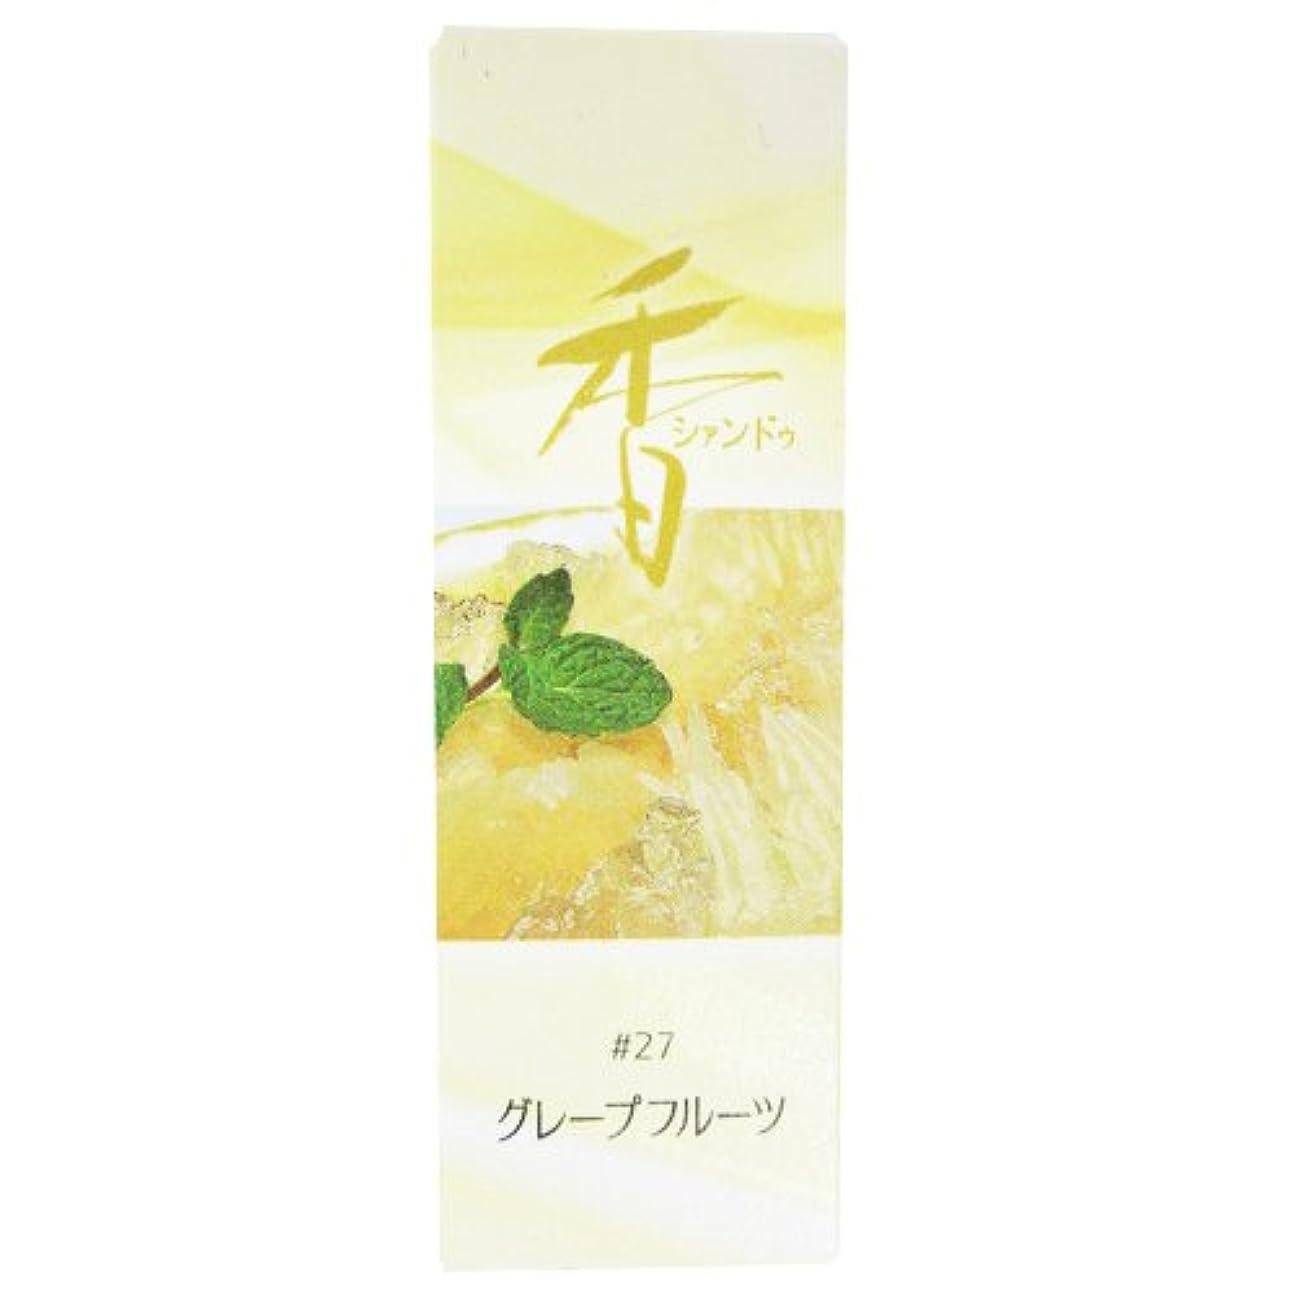 和らげる大胆な日焼け松栄堂のお香 Xiang Do(シャンドゥ) グレープフルーツ ST20本入 簡易香立付 #214227